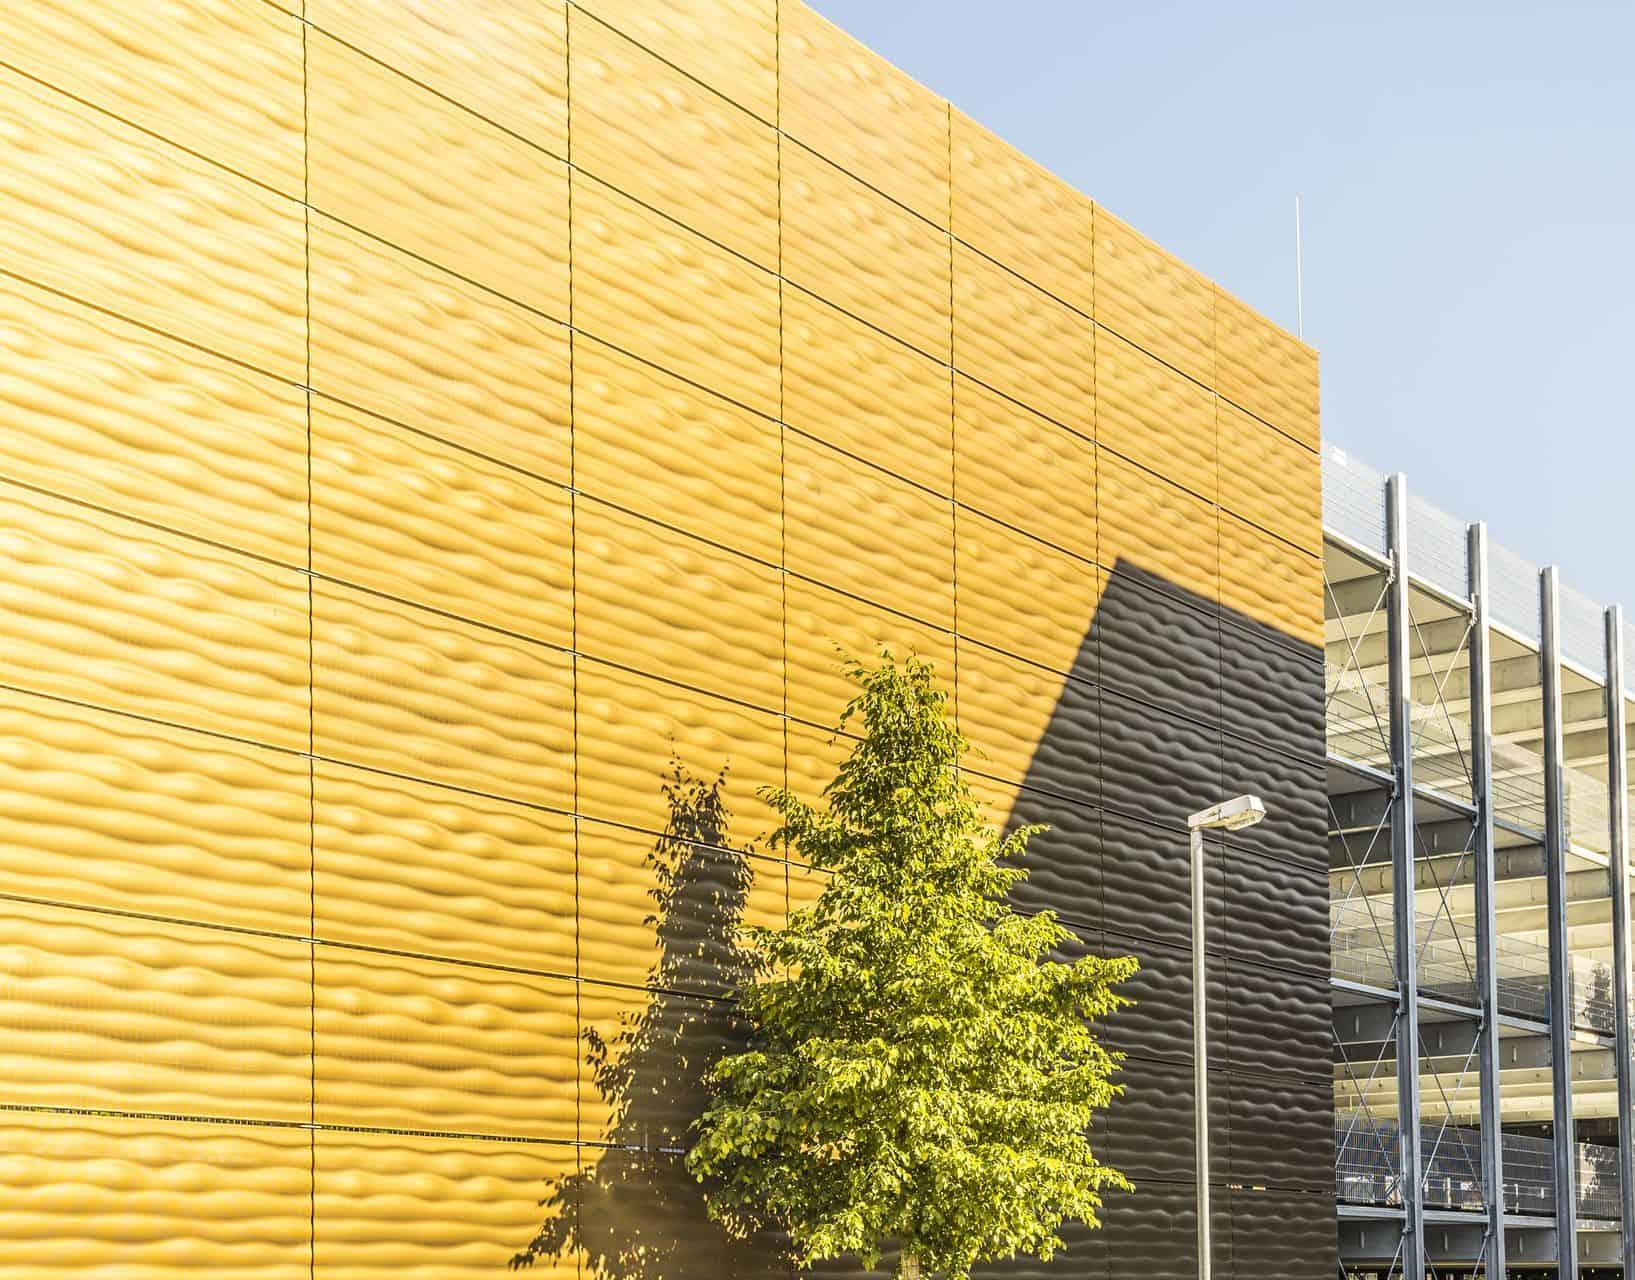 Binder Parametric Metal ARC-Kiel 3D metal facade